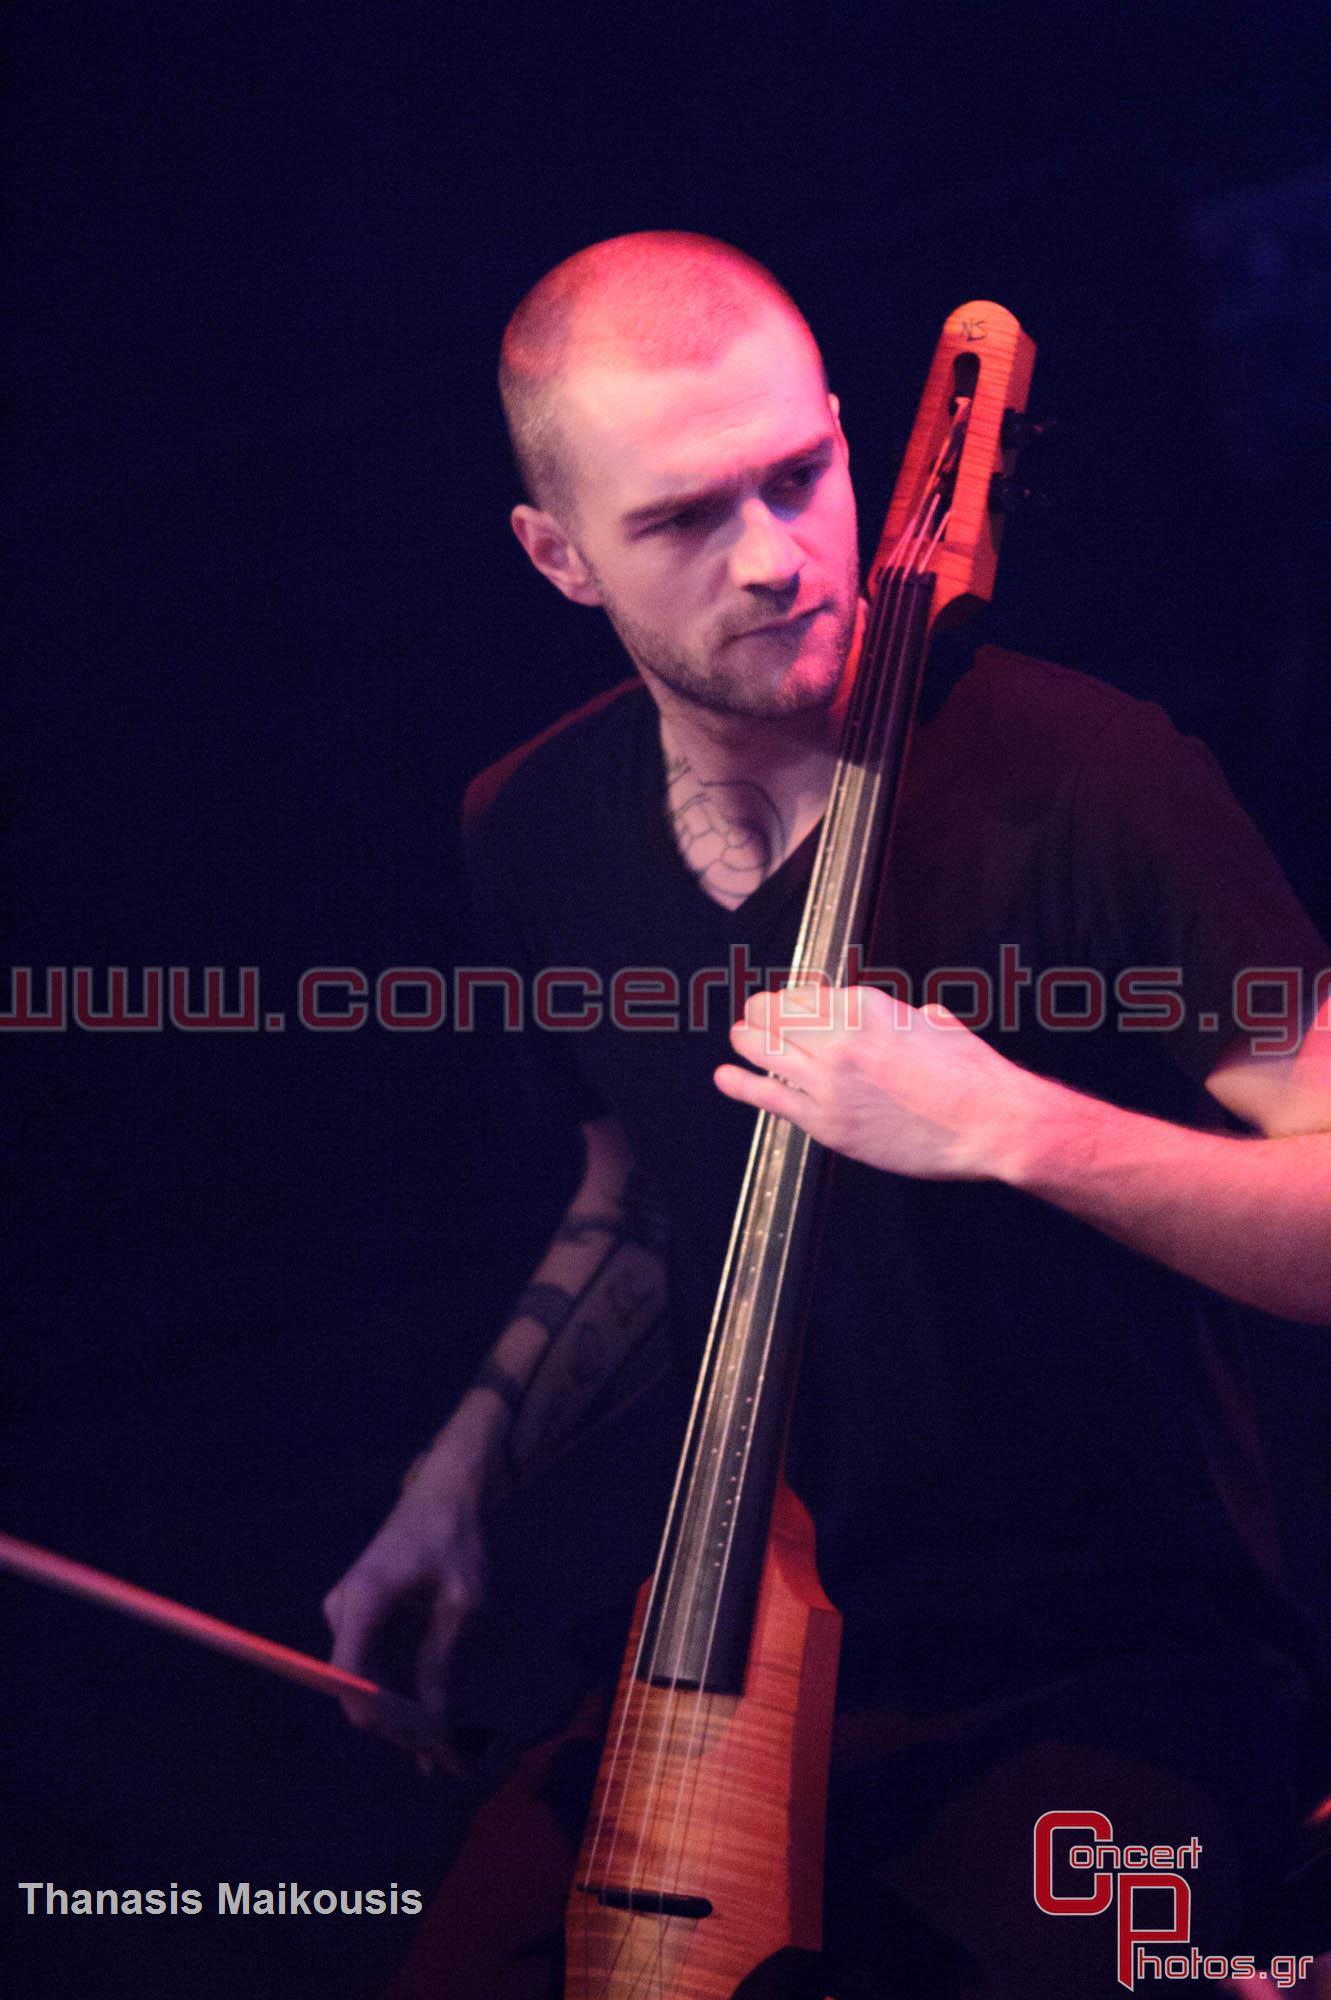 Wax Tailor - photographer: Thanasis Maikousis - ConcertPhotos-7999